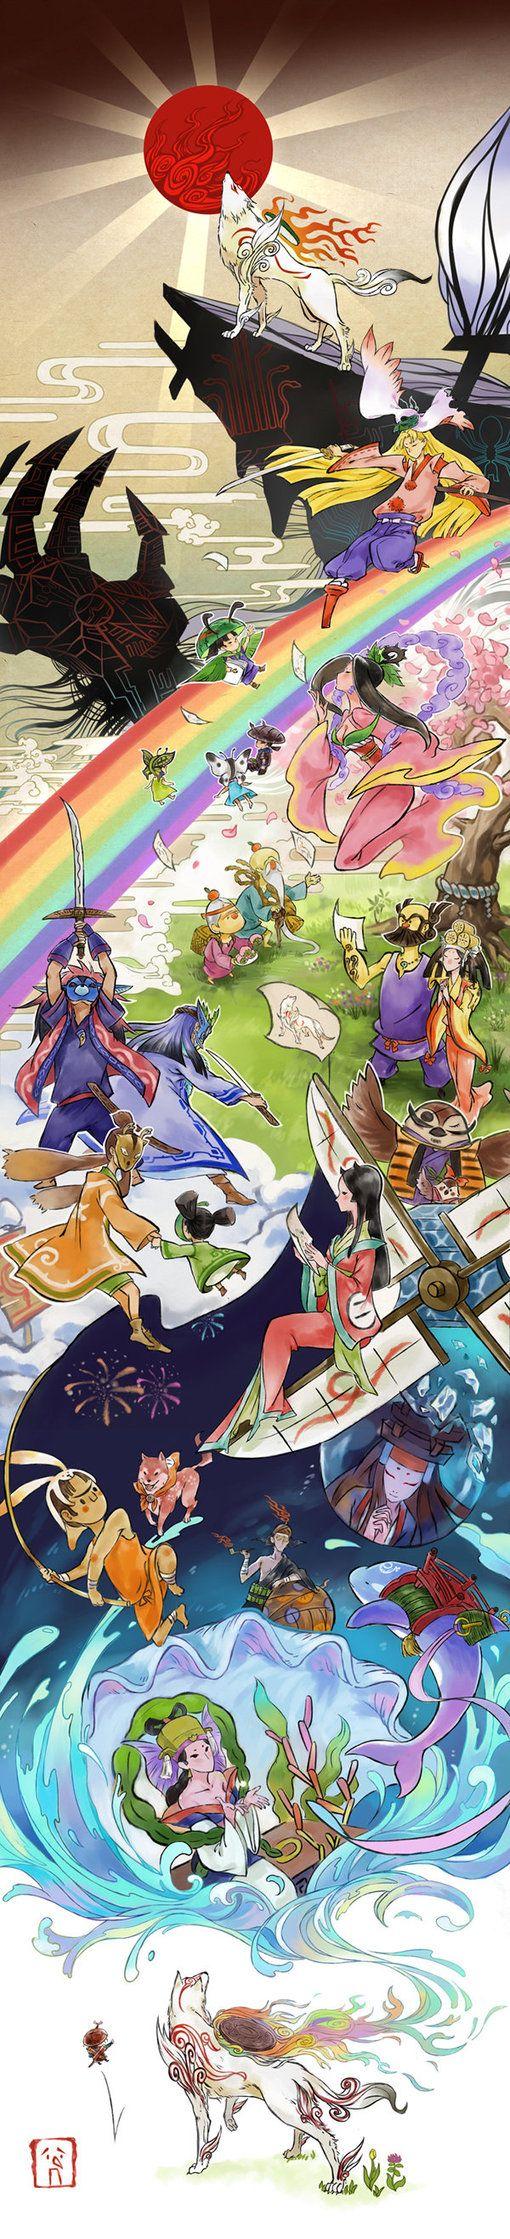 Um dos melhores jogos de todos os tempos resumido em uma imagem!!! #imnohero_br www.imnohero.com.br